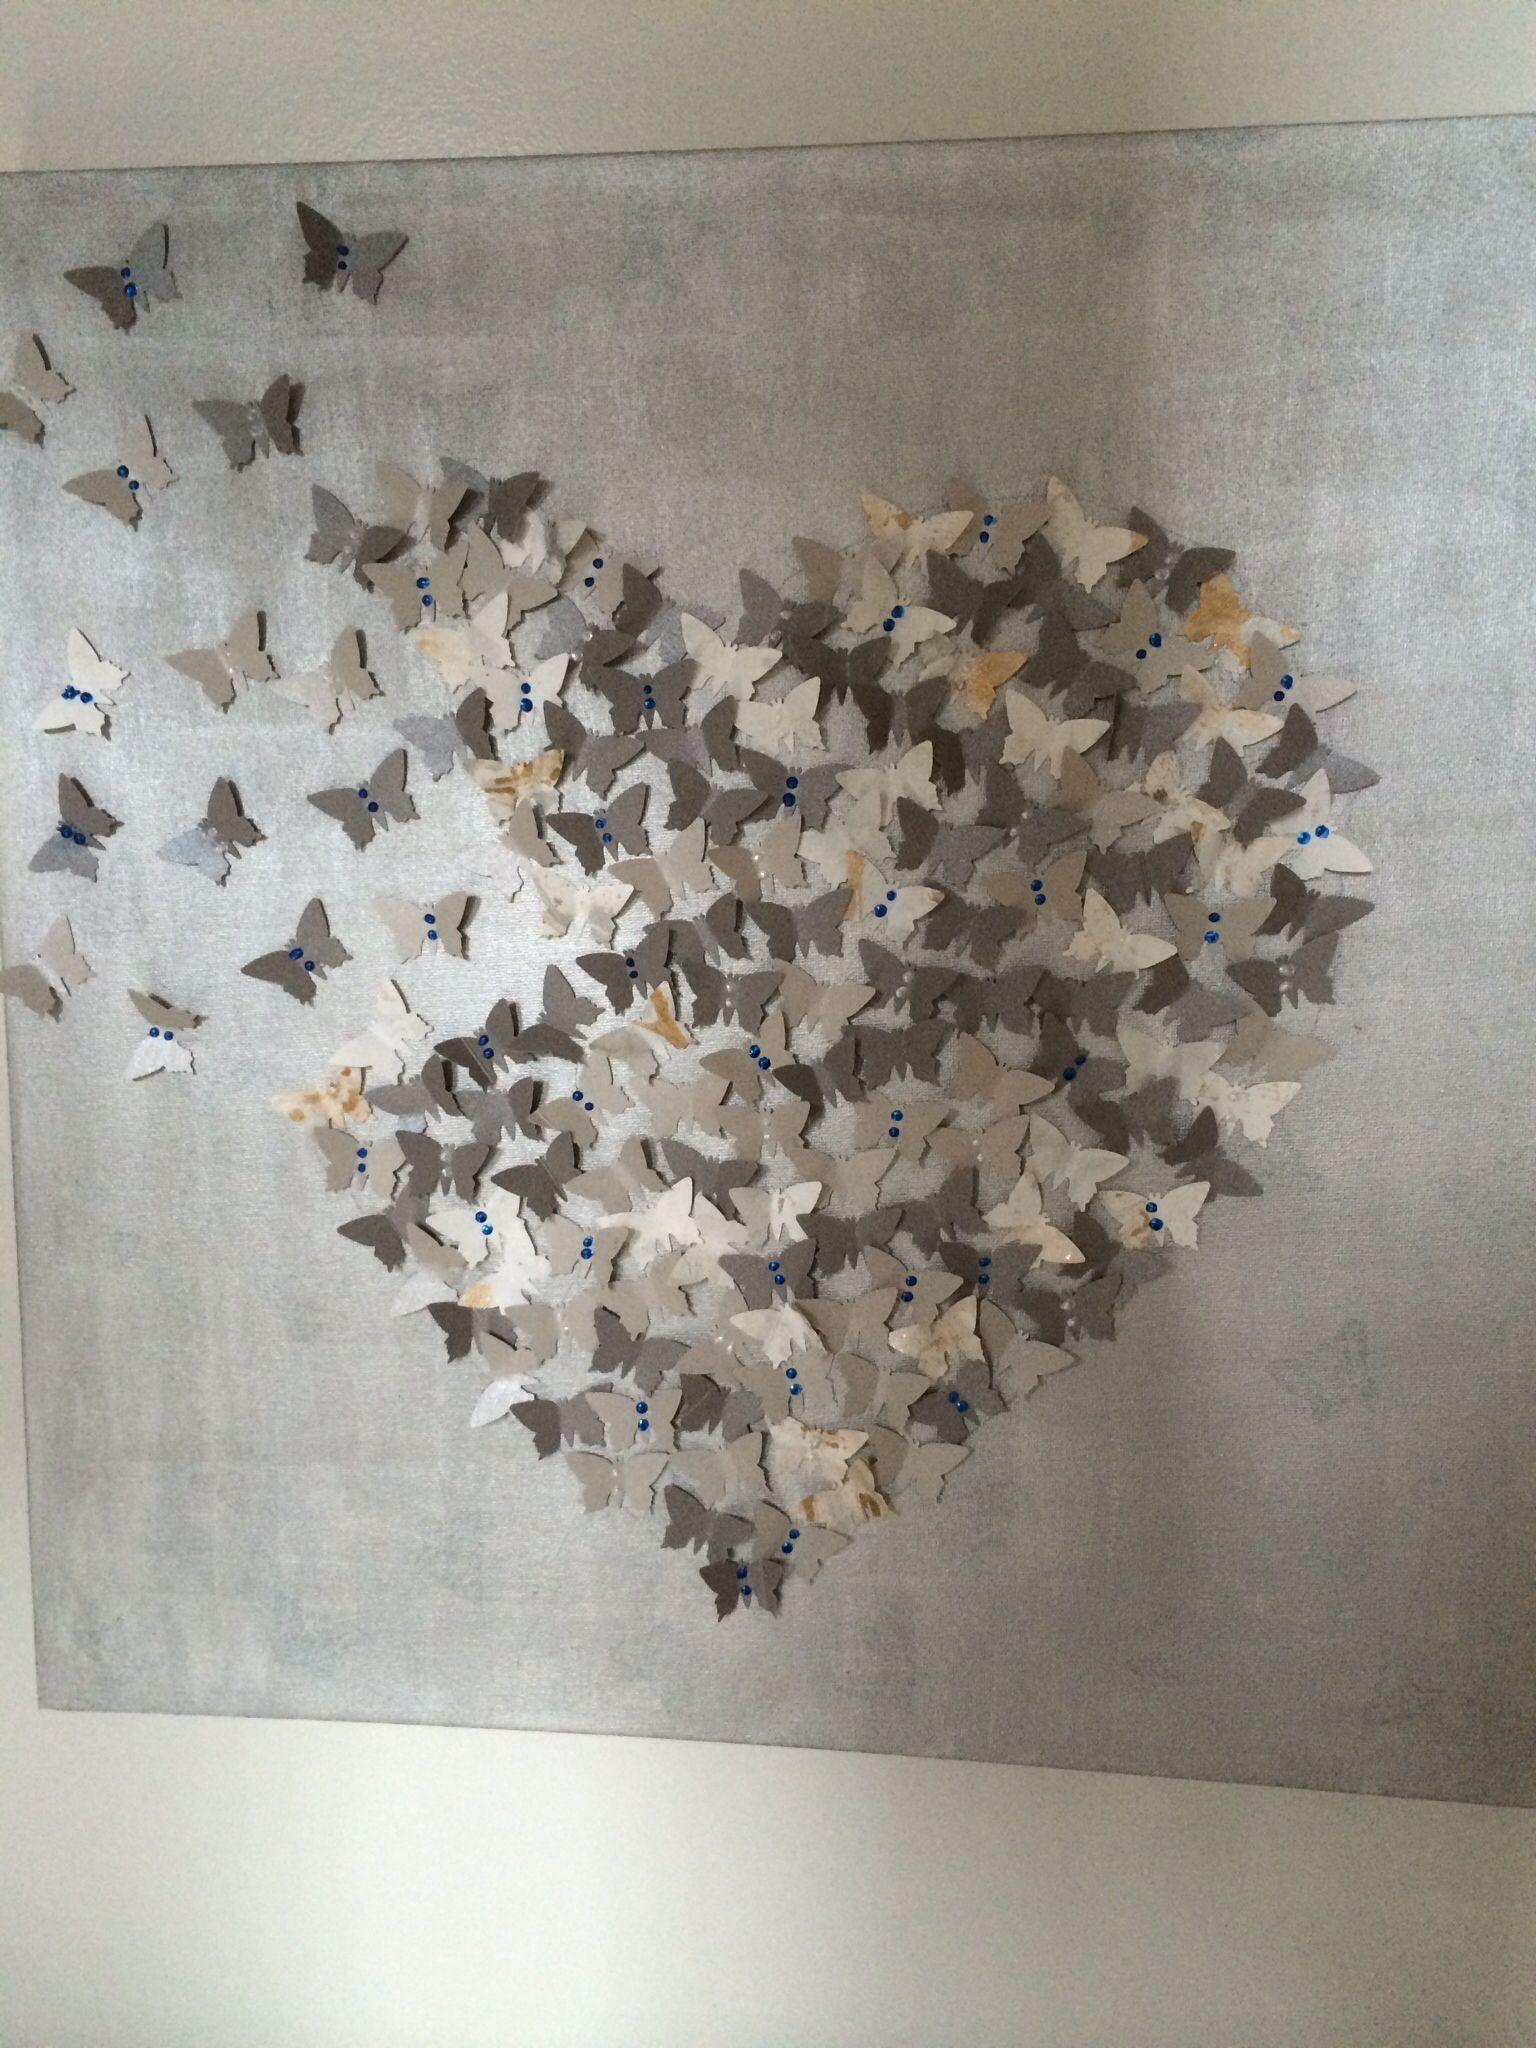 Zo mooi leuk idee om een keer zelf te maken decoratie idee n pinterest met butterfly - Idee deco gang schilderij ...